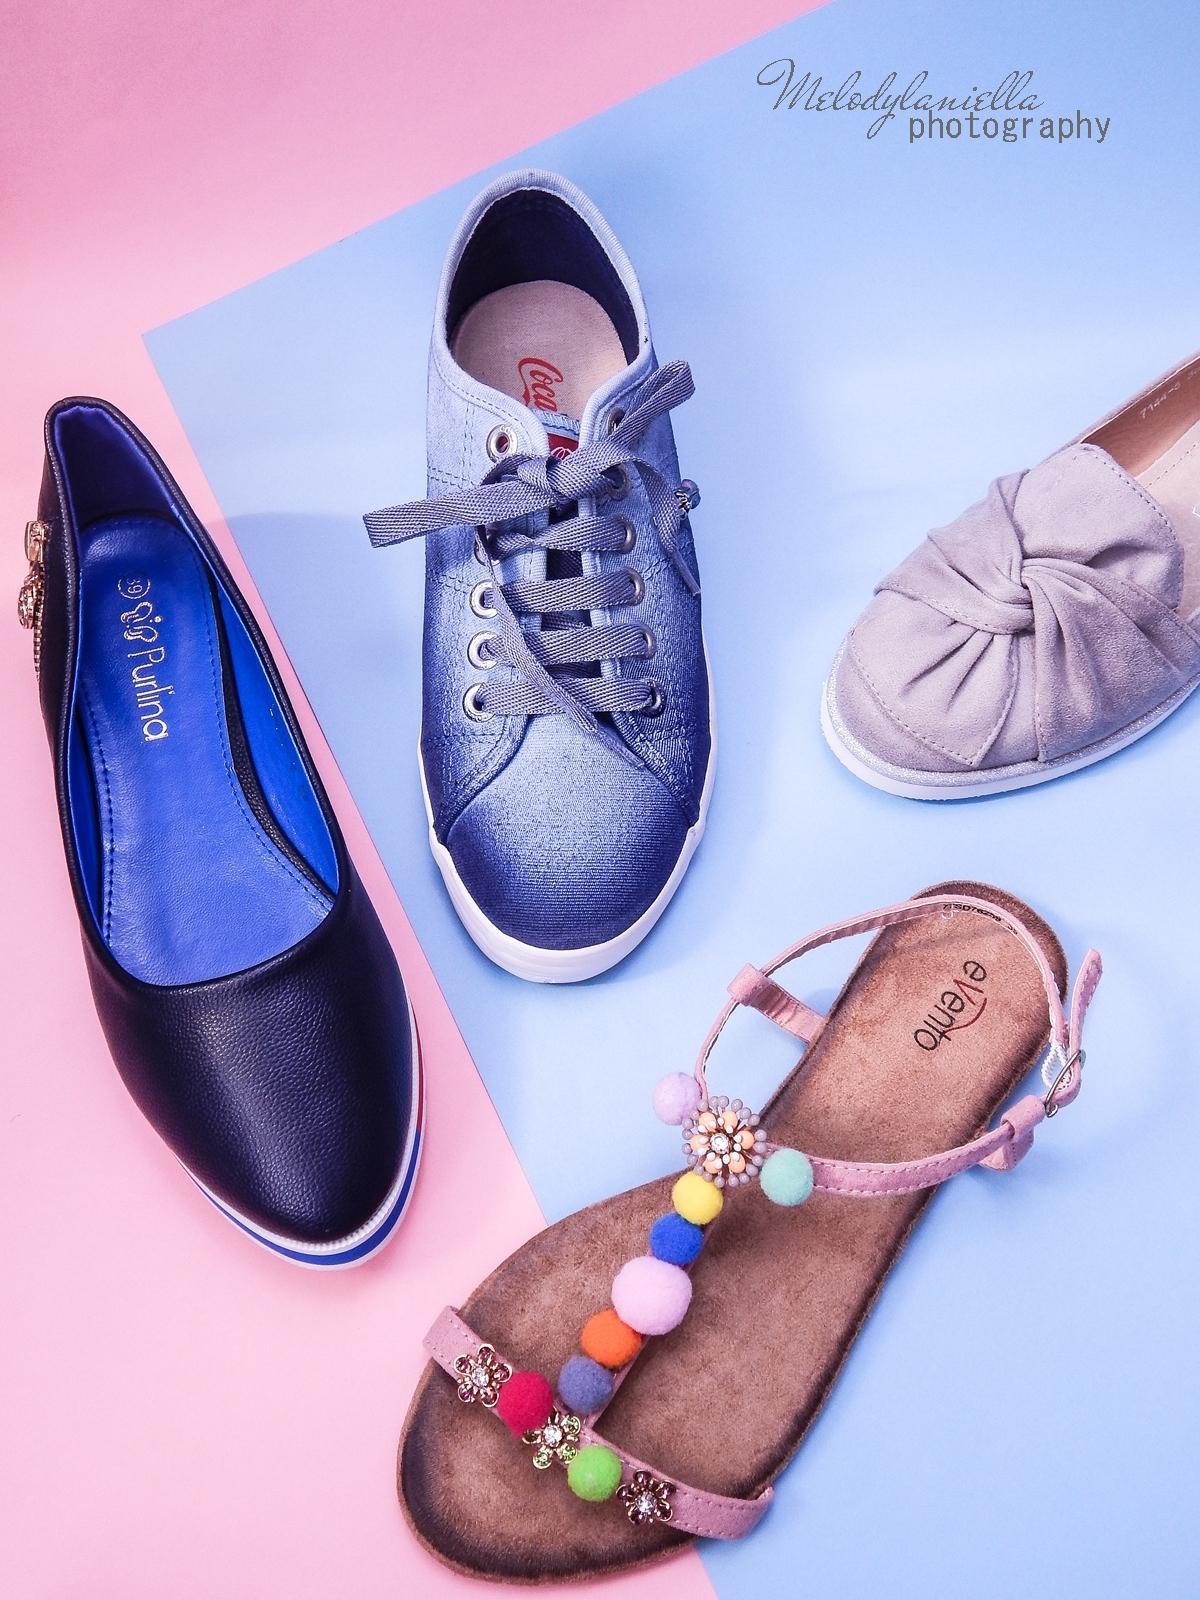 5 buty łuków baleriny tenisówki mokasyny sandały z ponopnami trzy modele butów modnych na lato melodylaniella recenzje buty coca-cola szare półbuty z kokardą buty na wesele buty do sukienki moda